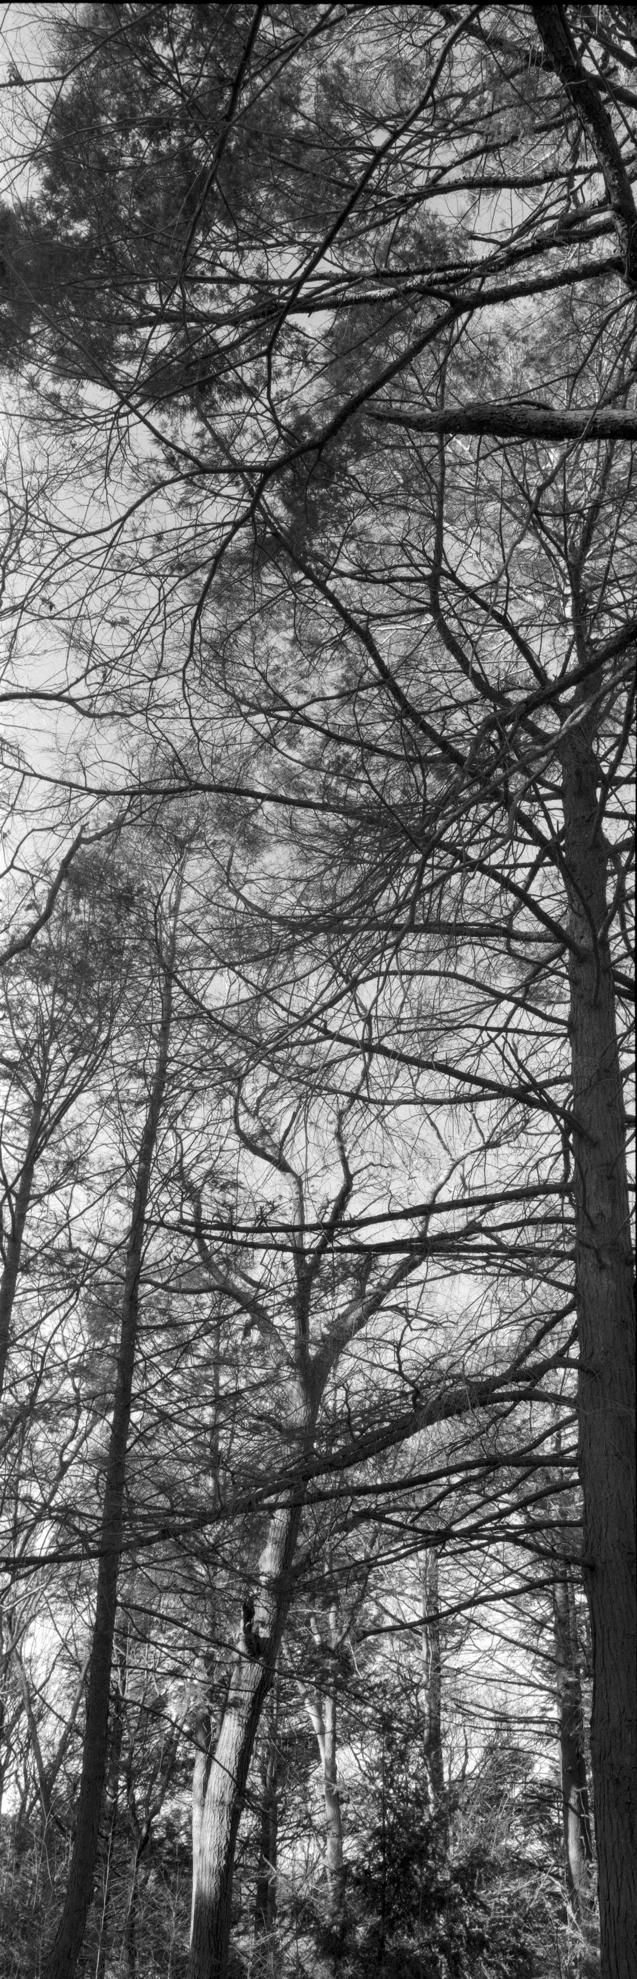 Arnold Arboretum 2009